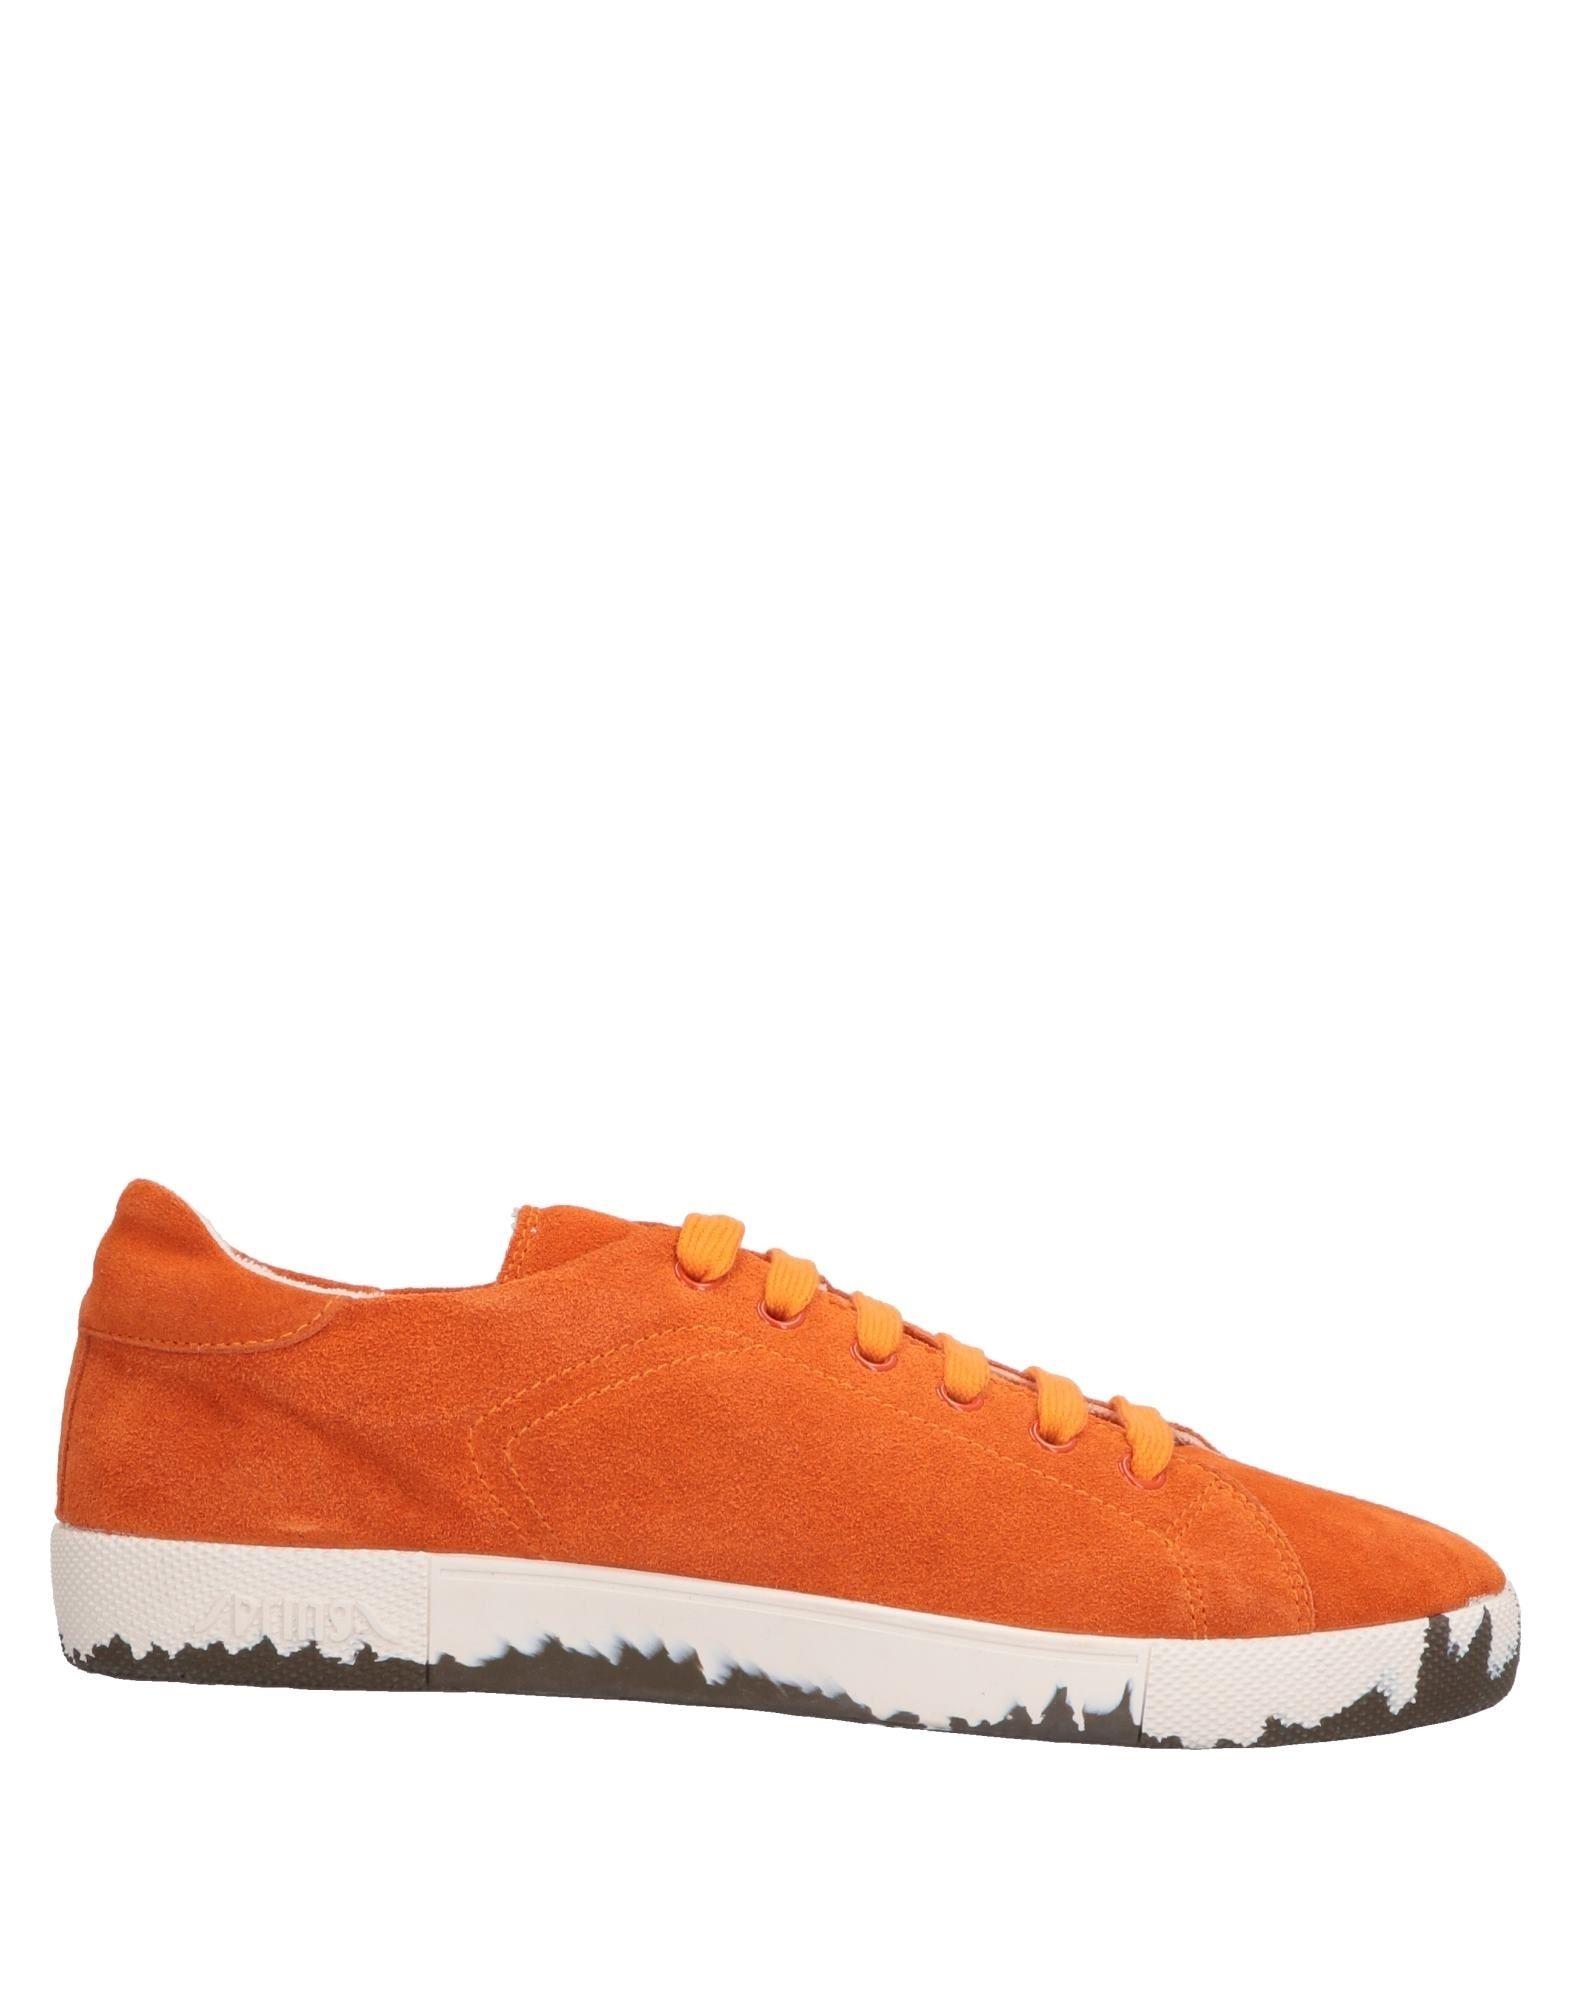 《送料無料》SPRINGA メンズ スニーカー&テニスシューズ(ローカット) オレンジ 38 革